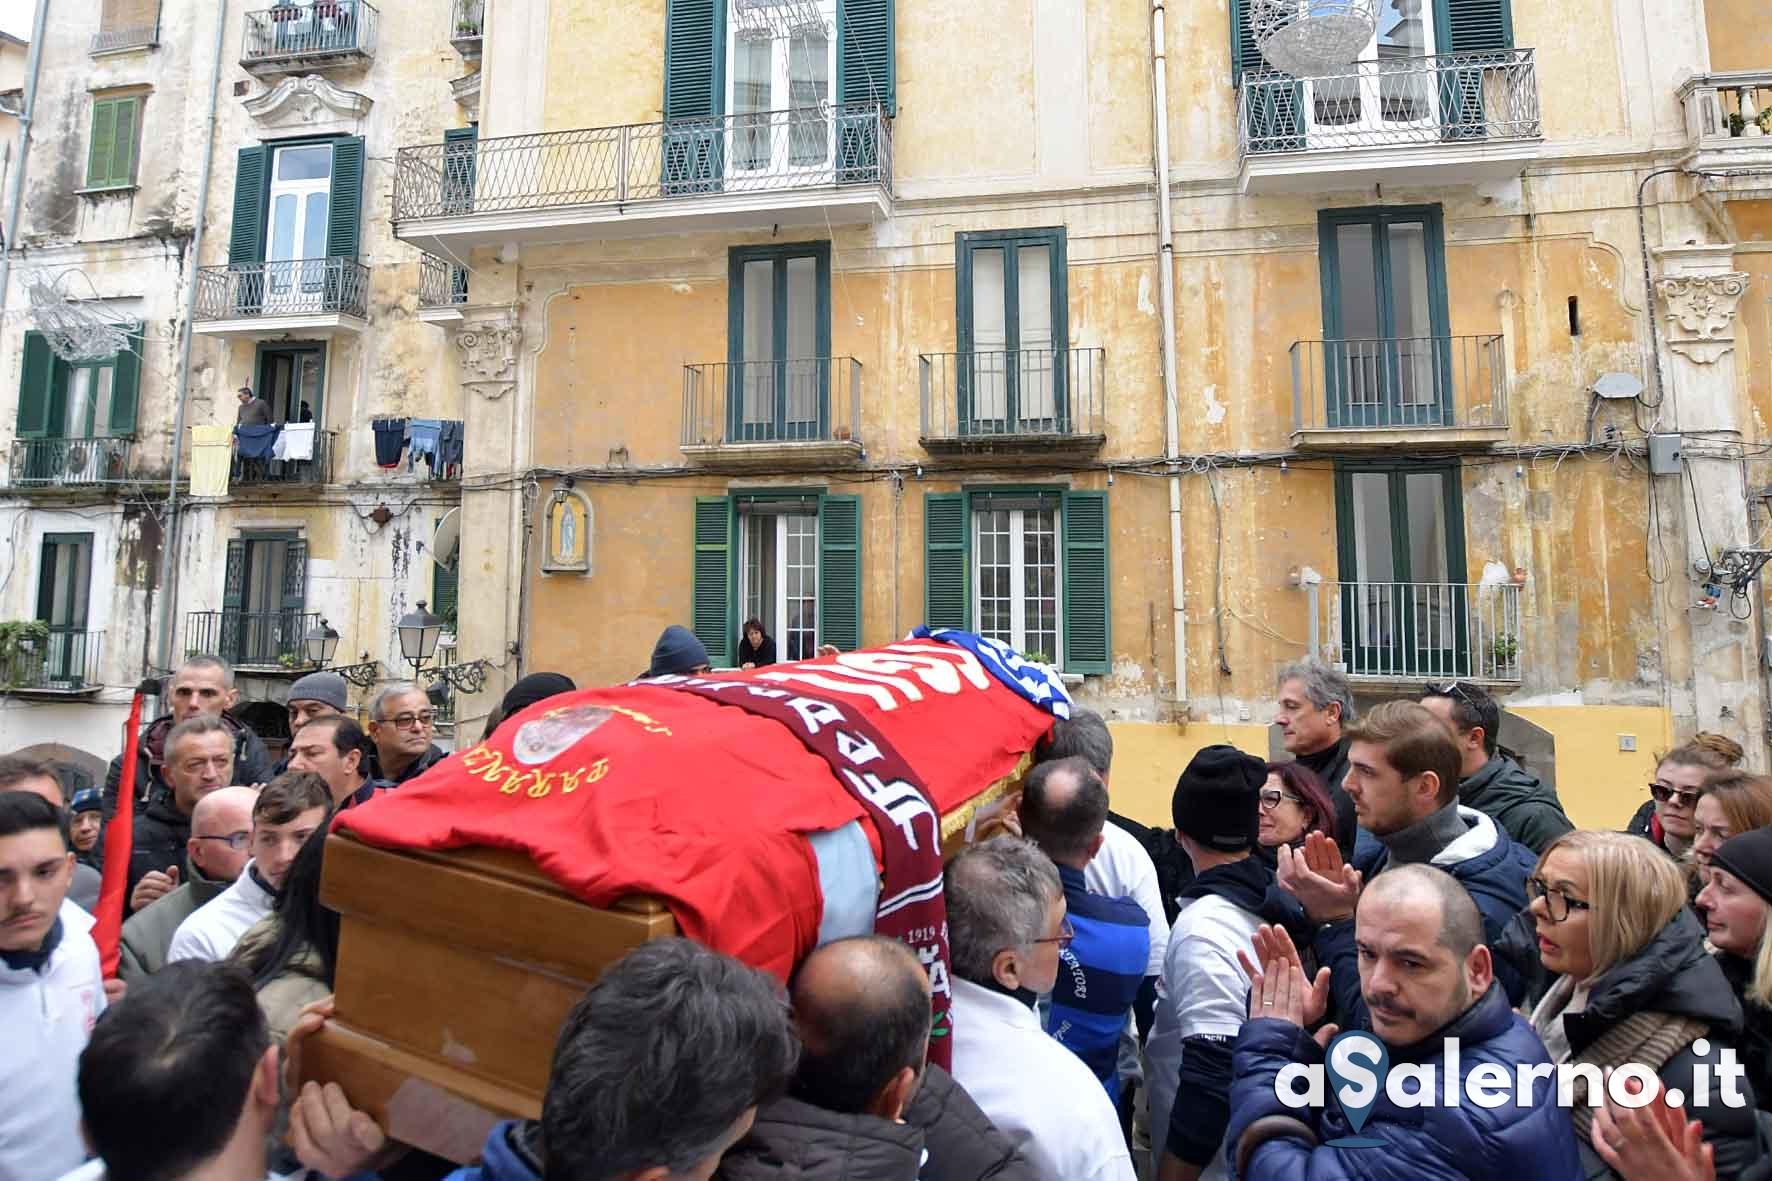 FuneraliDeAngelis11